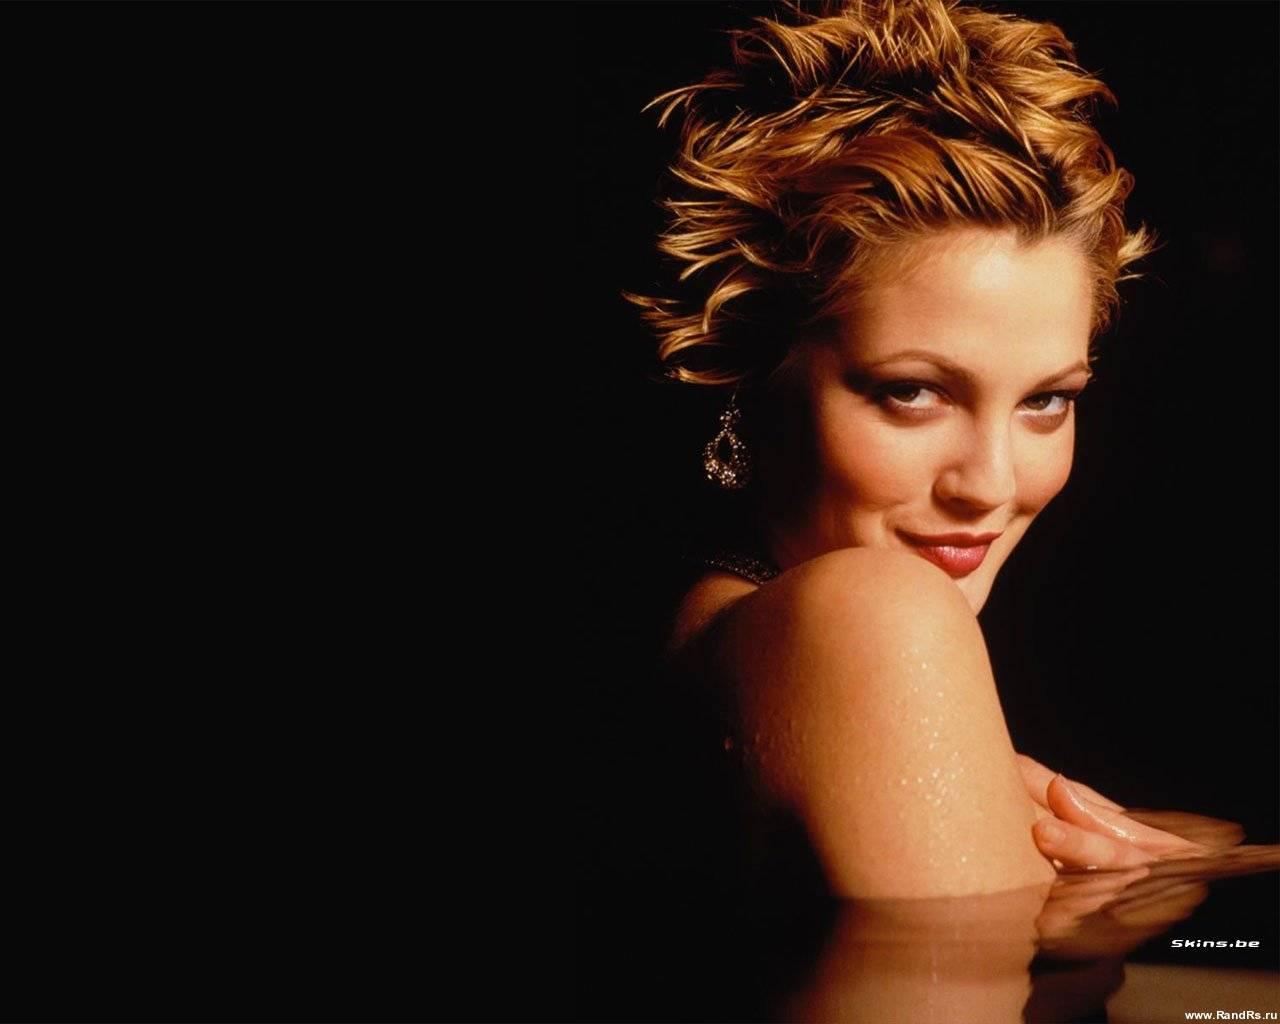 Скачать обои фото картинку на тему Drew Barrymore, девушка, красивая